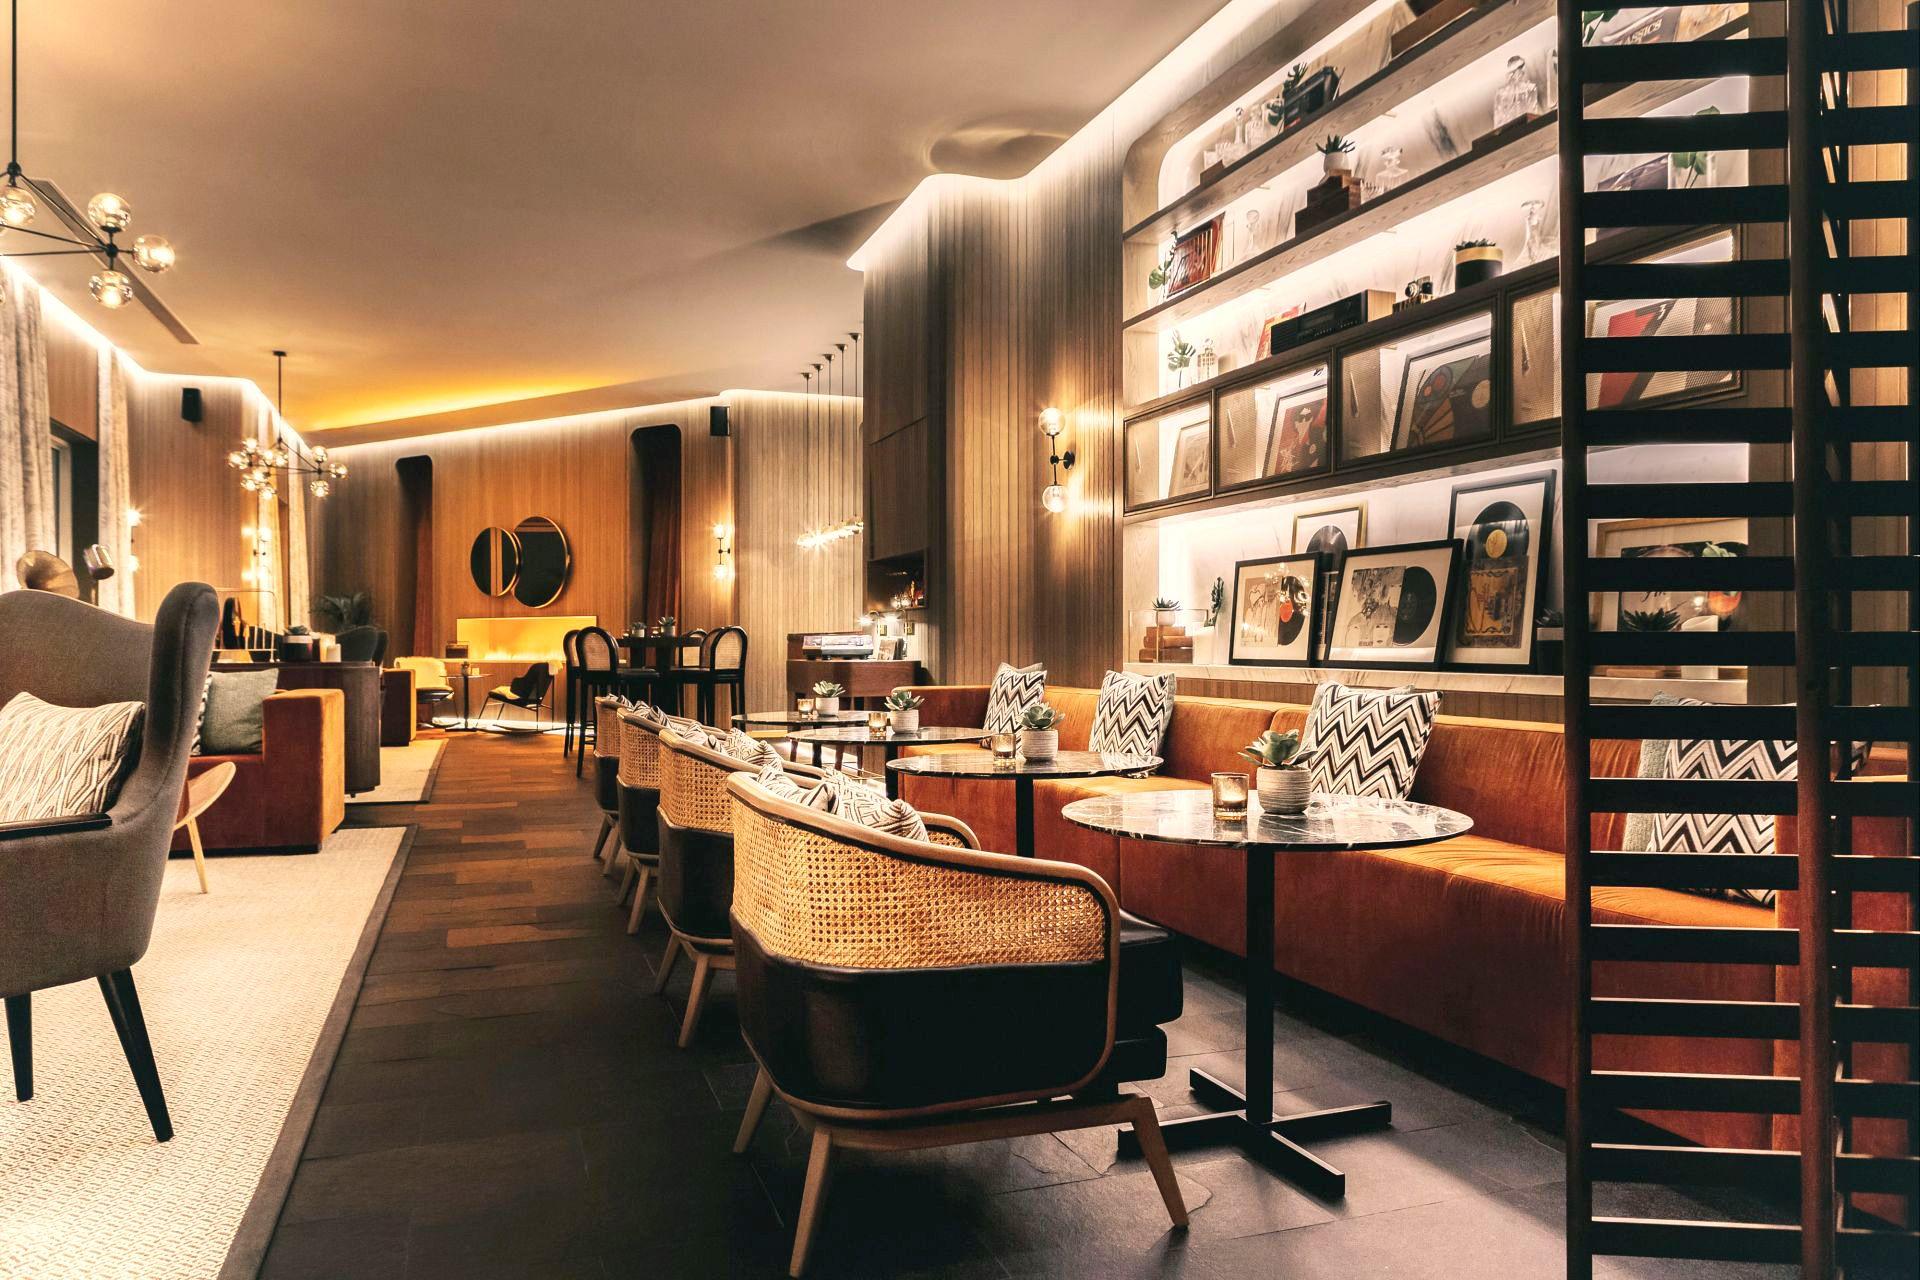 Bar Hospitality Designs Seventy Seventy Park Hyatt Dubai In 2020 Hospitality Design Design Commercial Interior Design